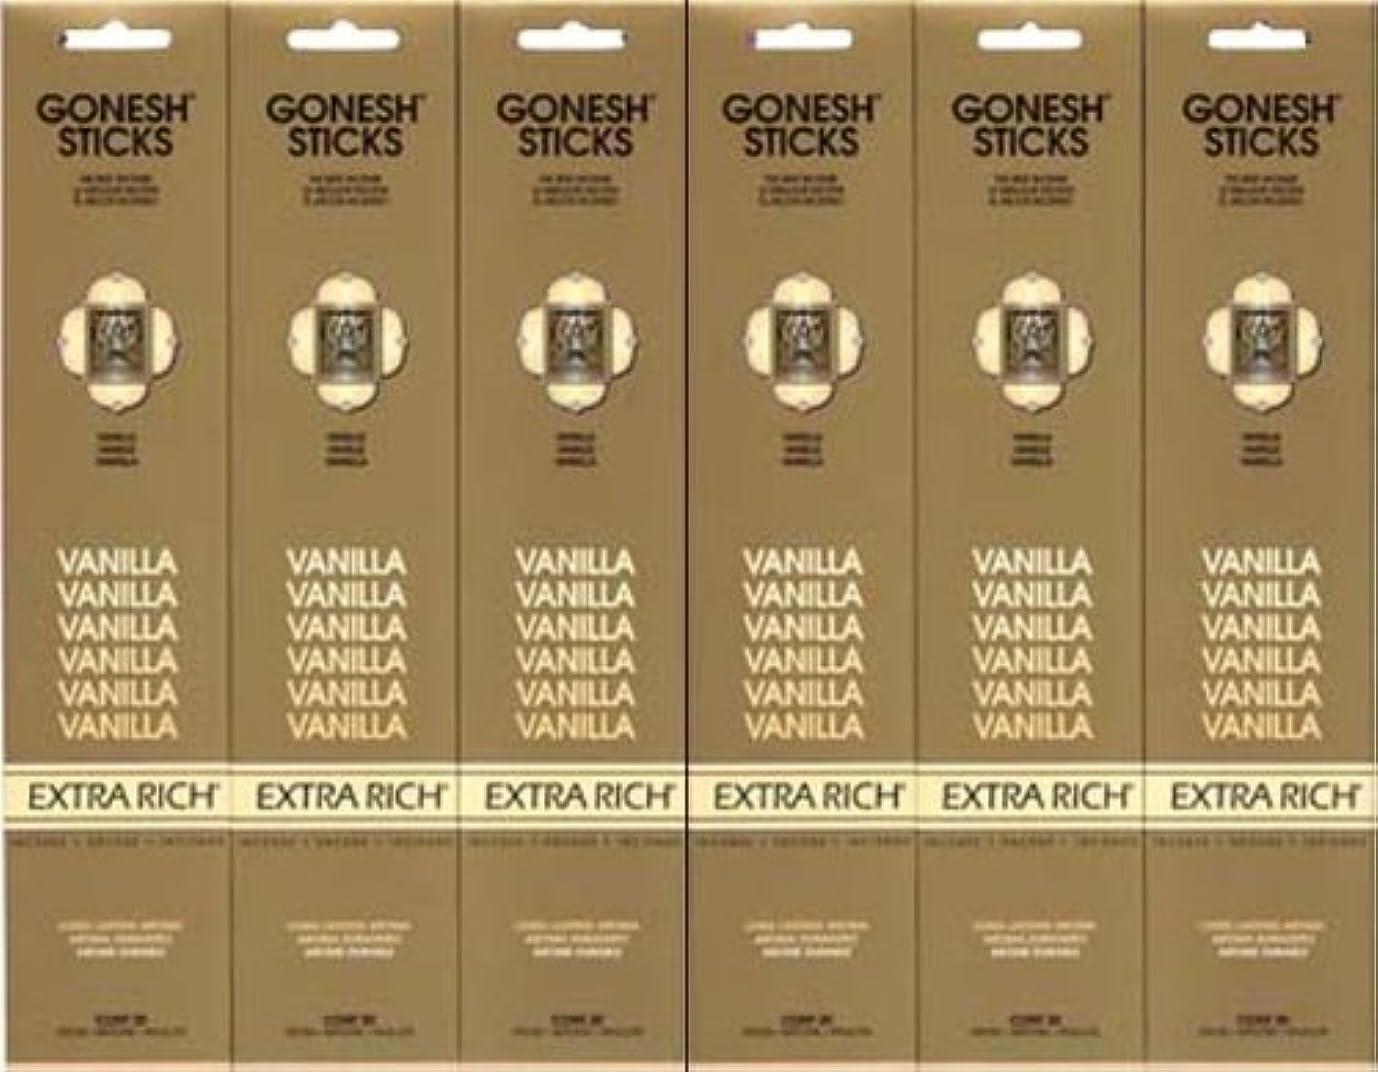 安西中国帝国主義GONESH  VANILLA バニラ  20本入り X 6パック (120本)